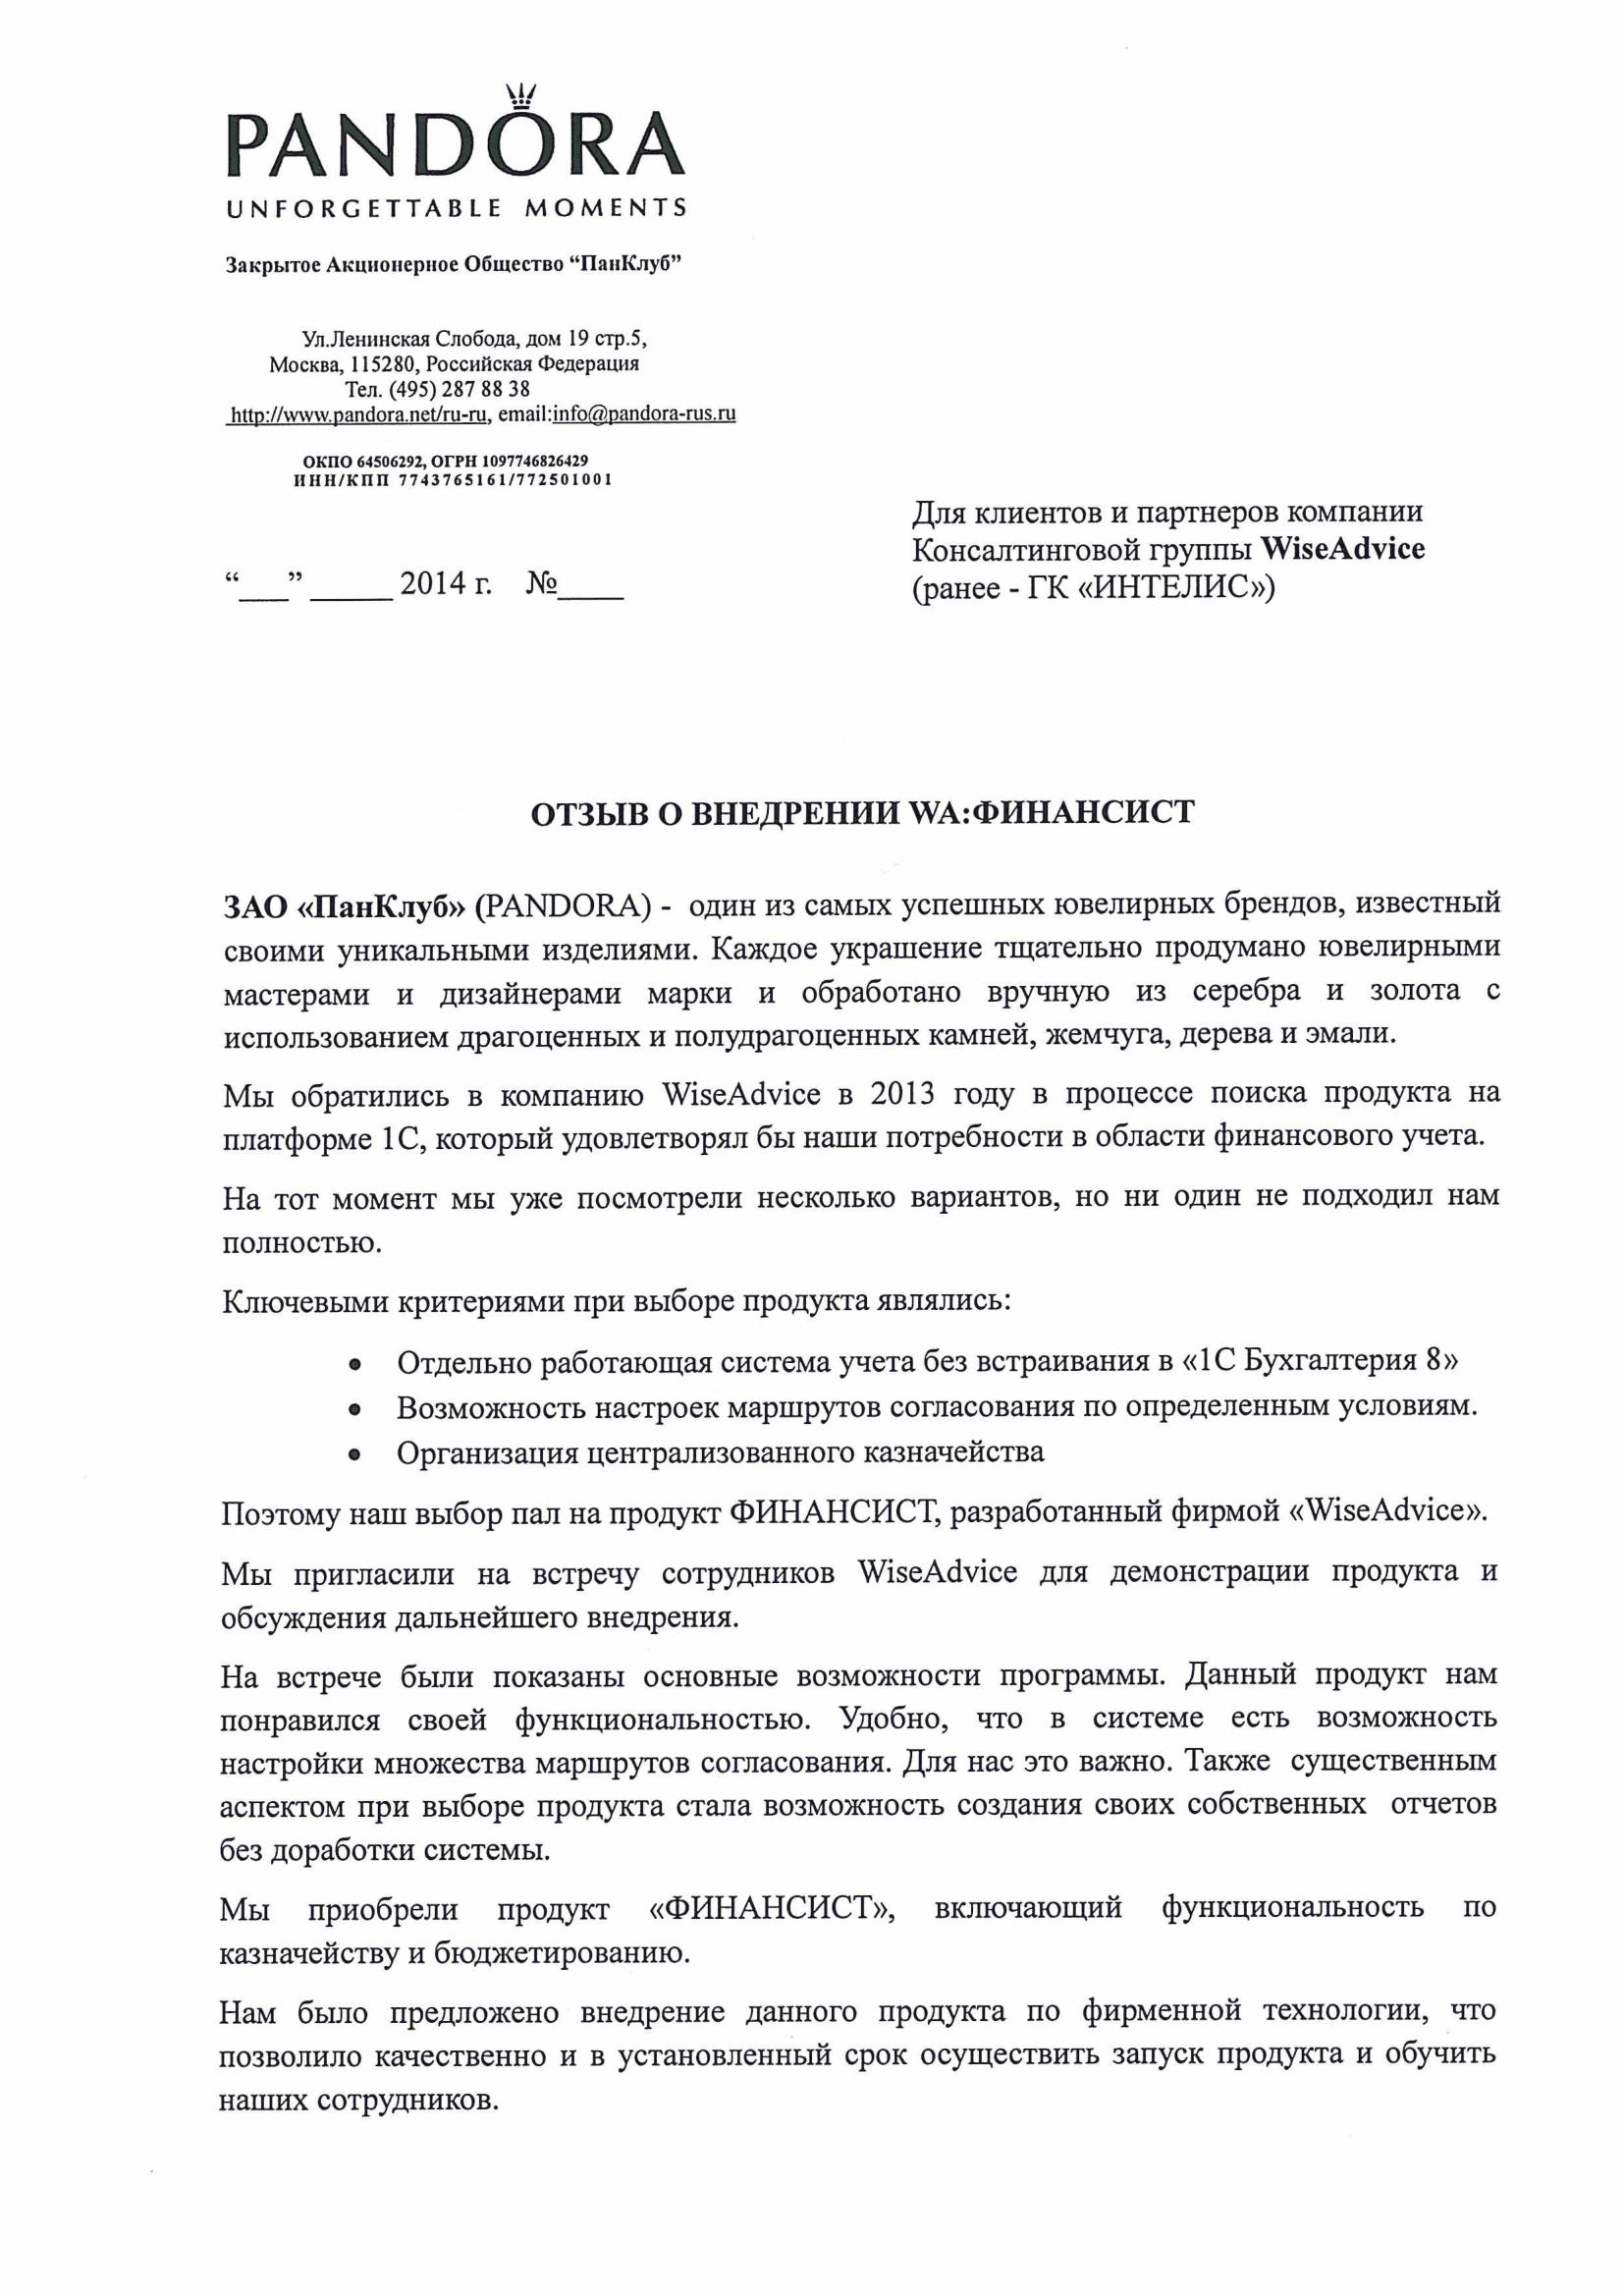 PANDORA/АО ПанКлуб отзыв